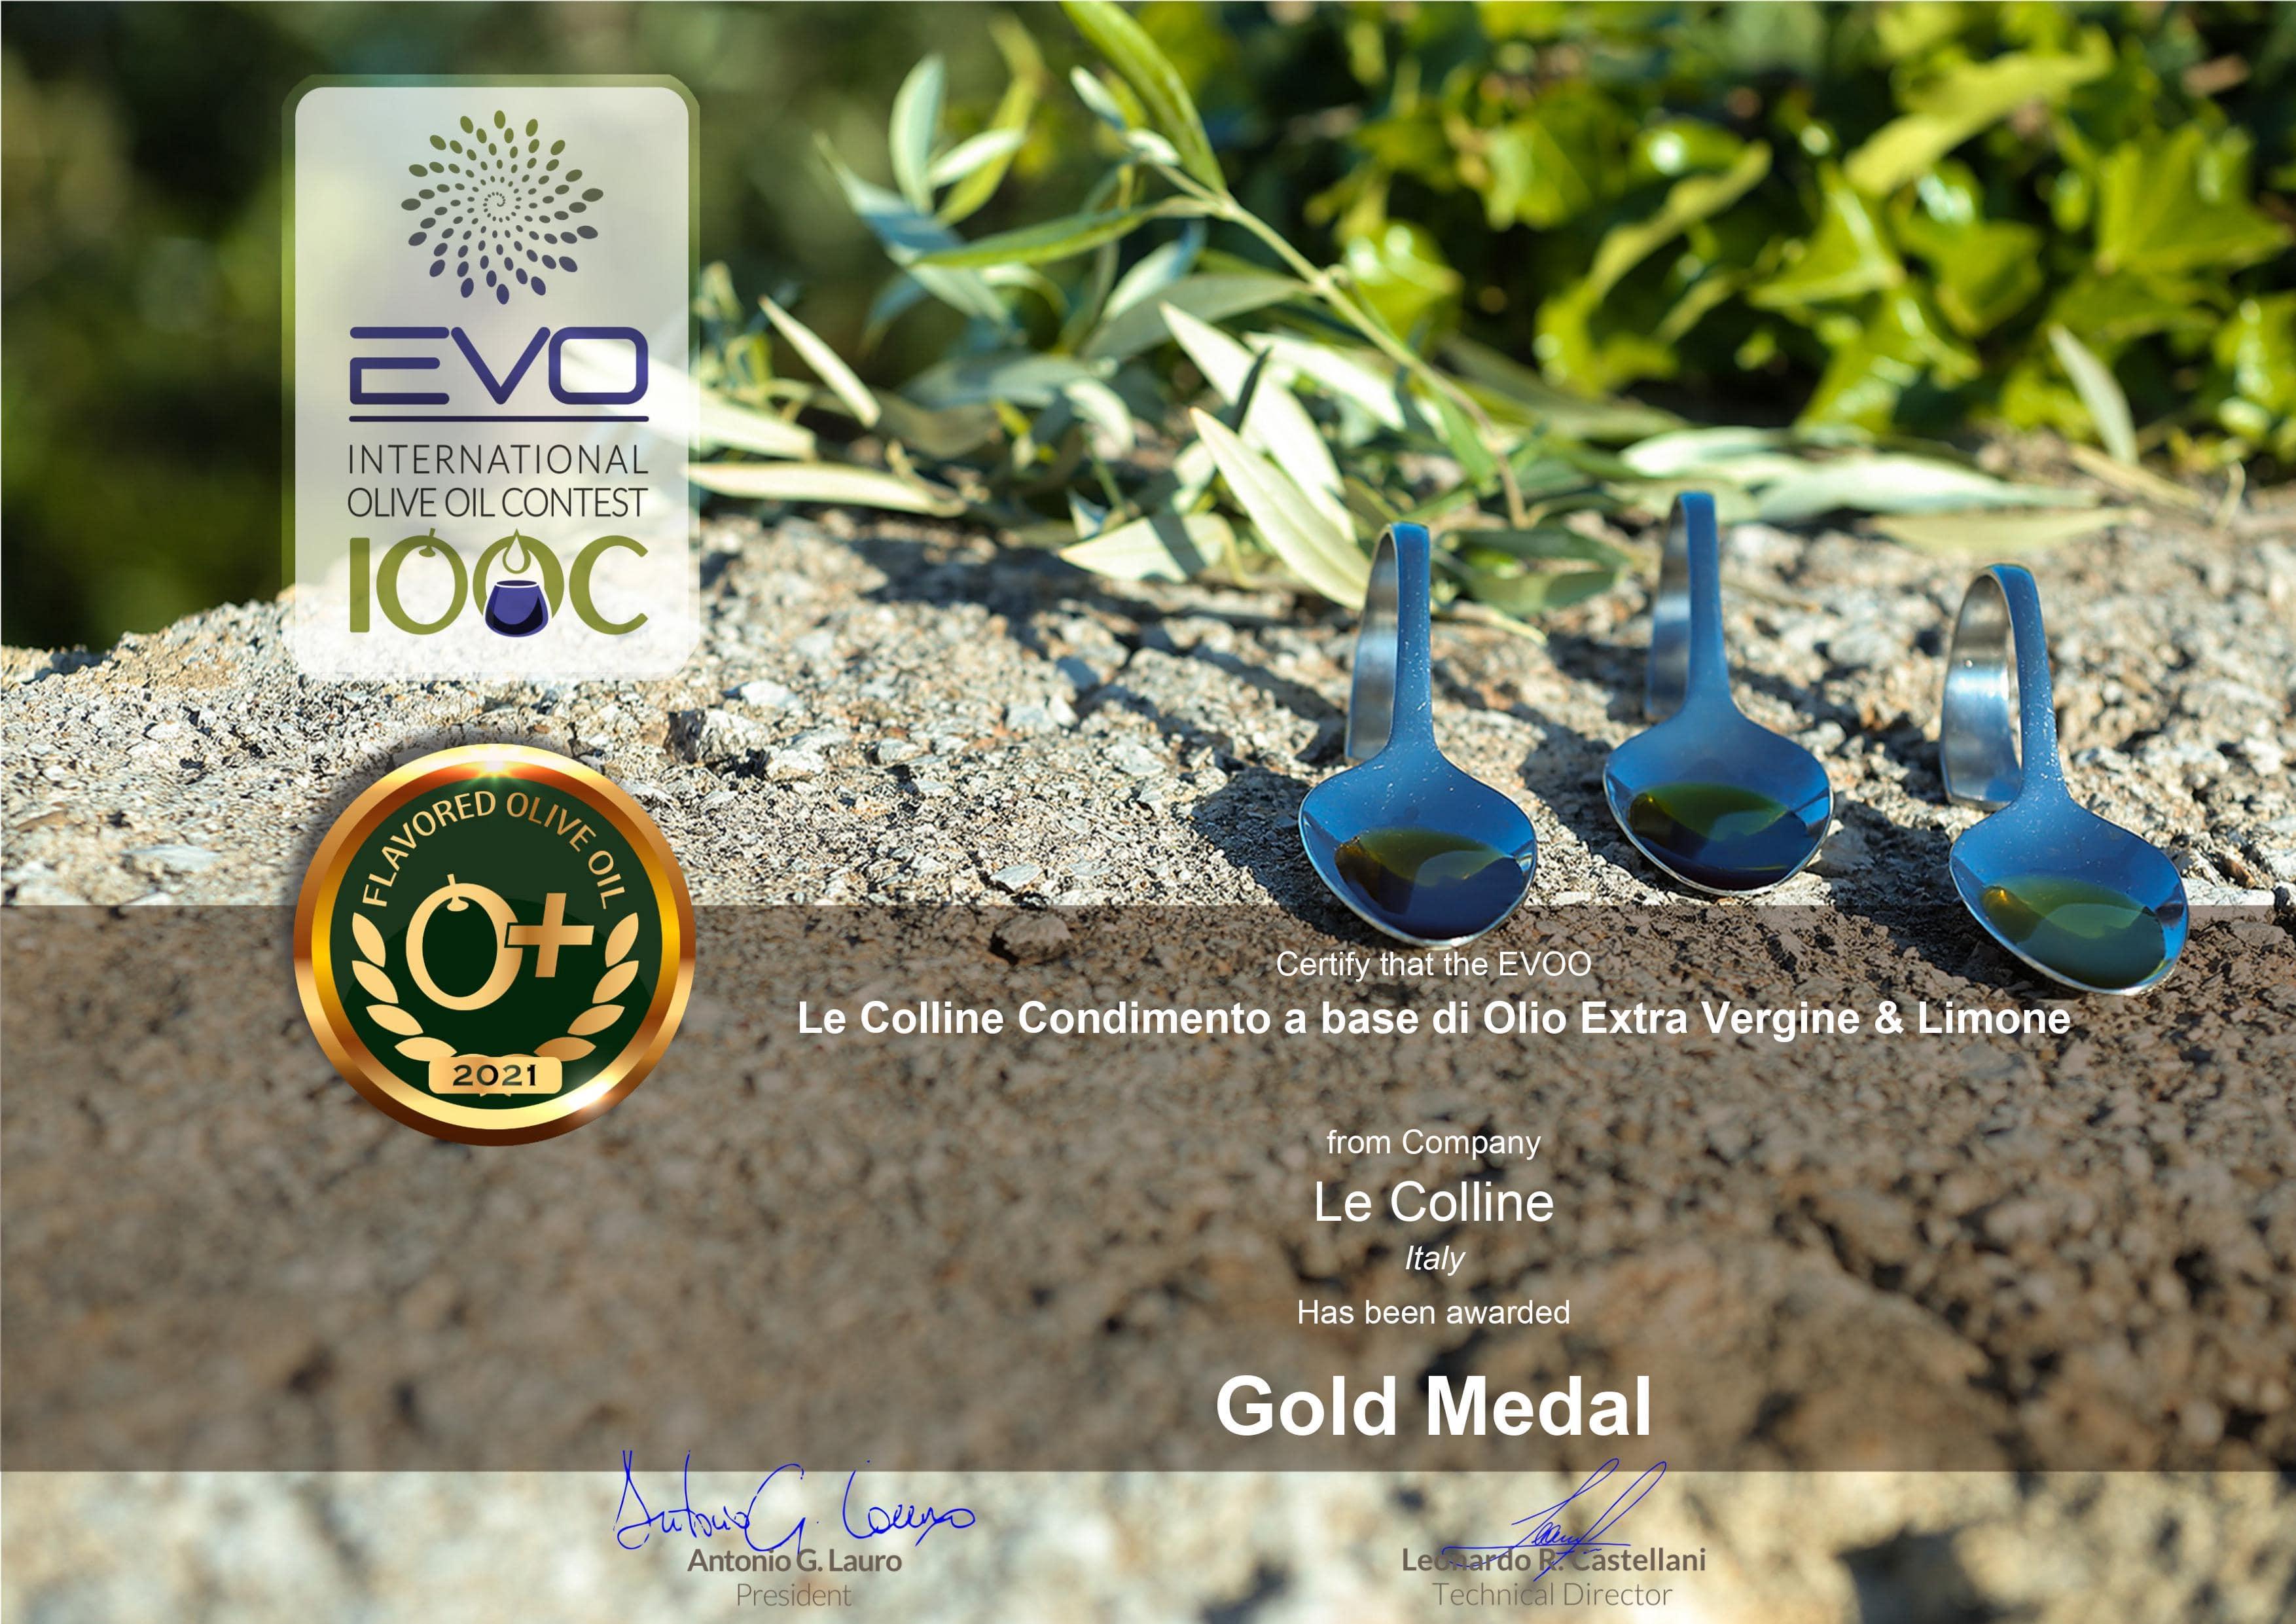 Le-Colline-Condimento-a-base-di-Olio-Exra-Vergine-Limone-Gold-Medal-certificate-2021-2